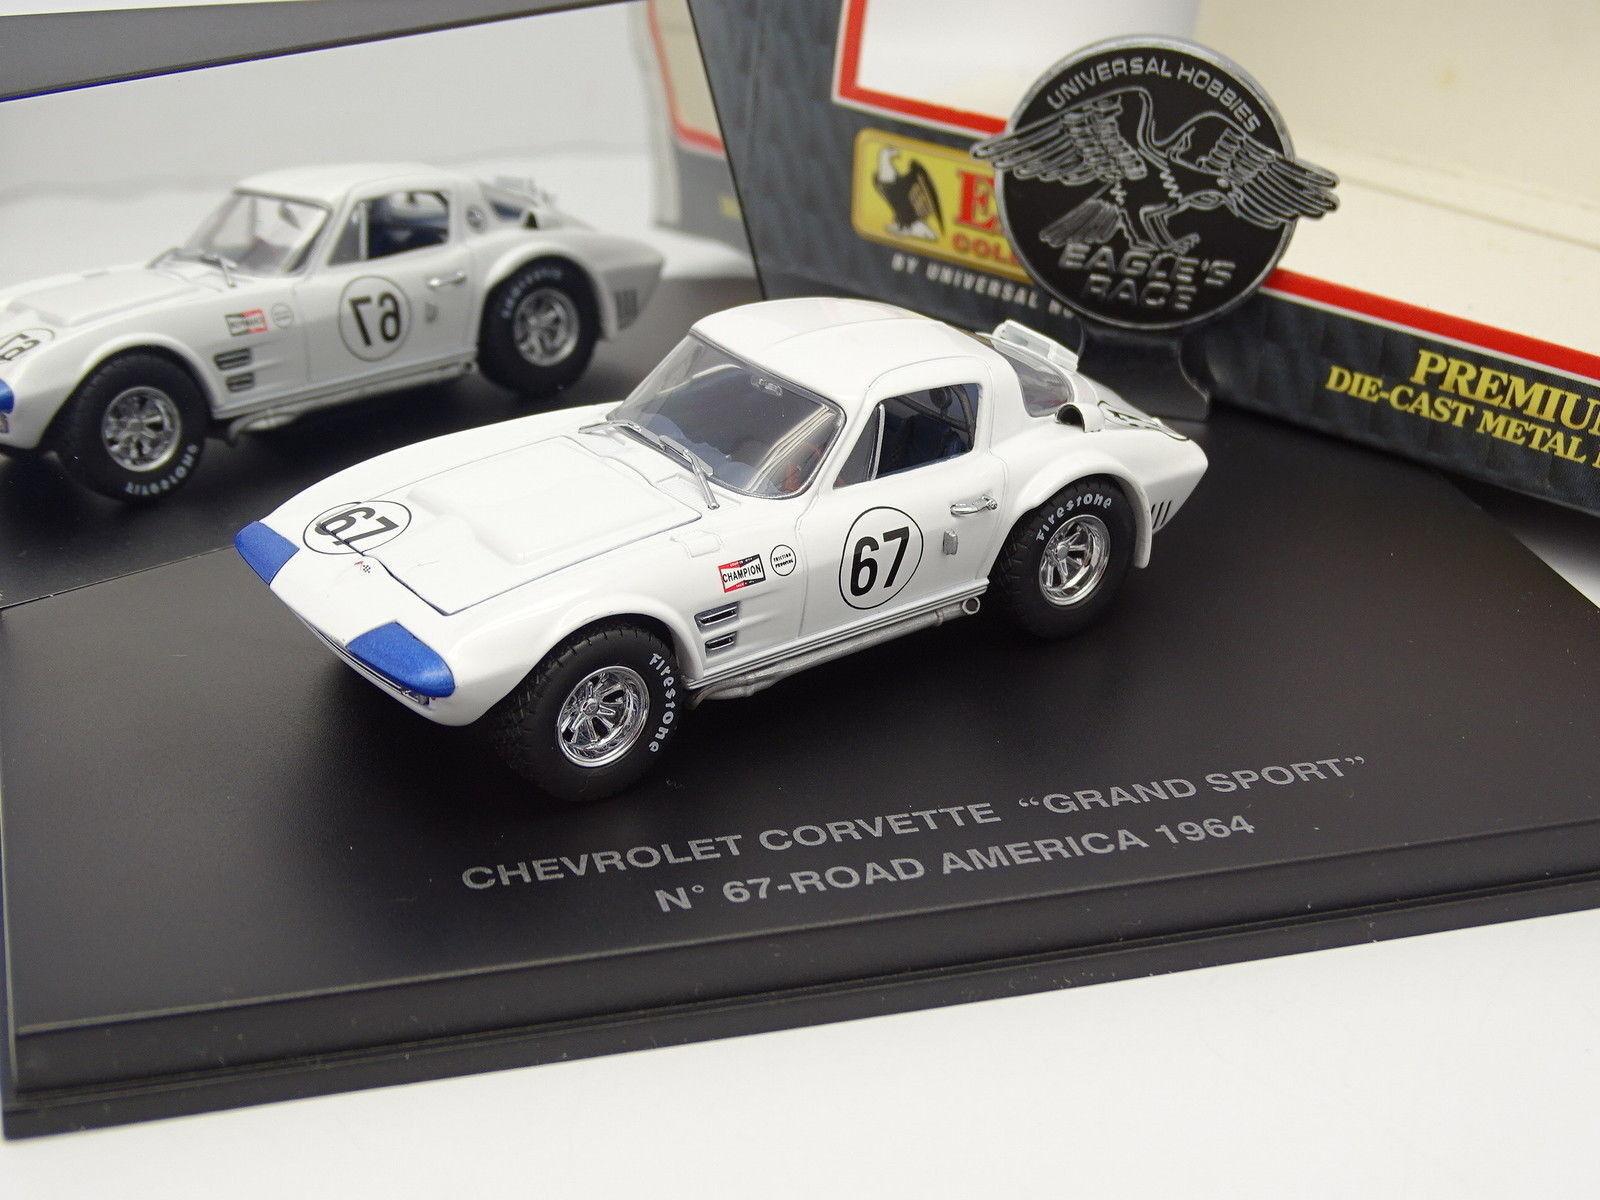 UH Eagle's Race 1 43 - Chevrolet Corvette Grand Sport No.67 Road America 1964